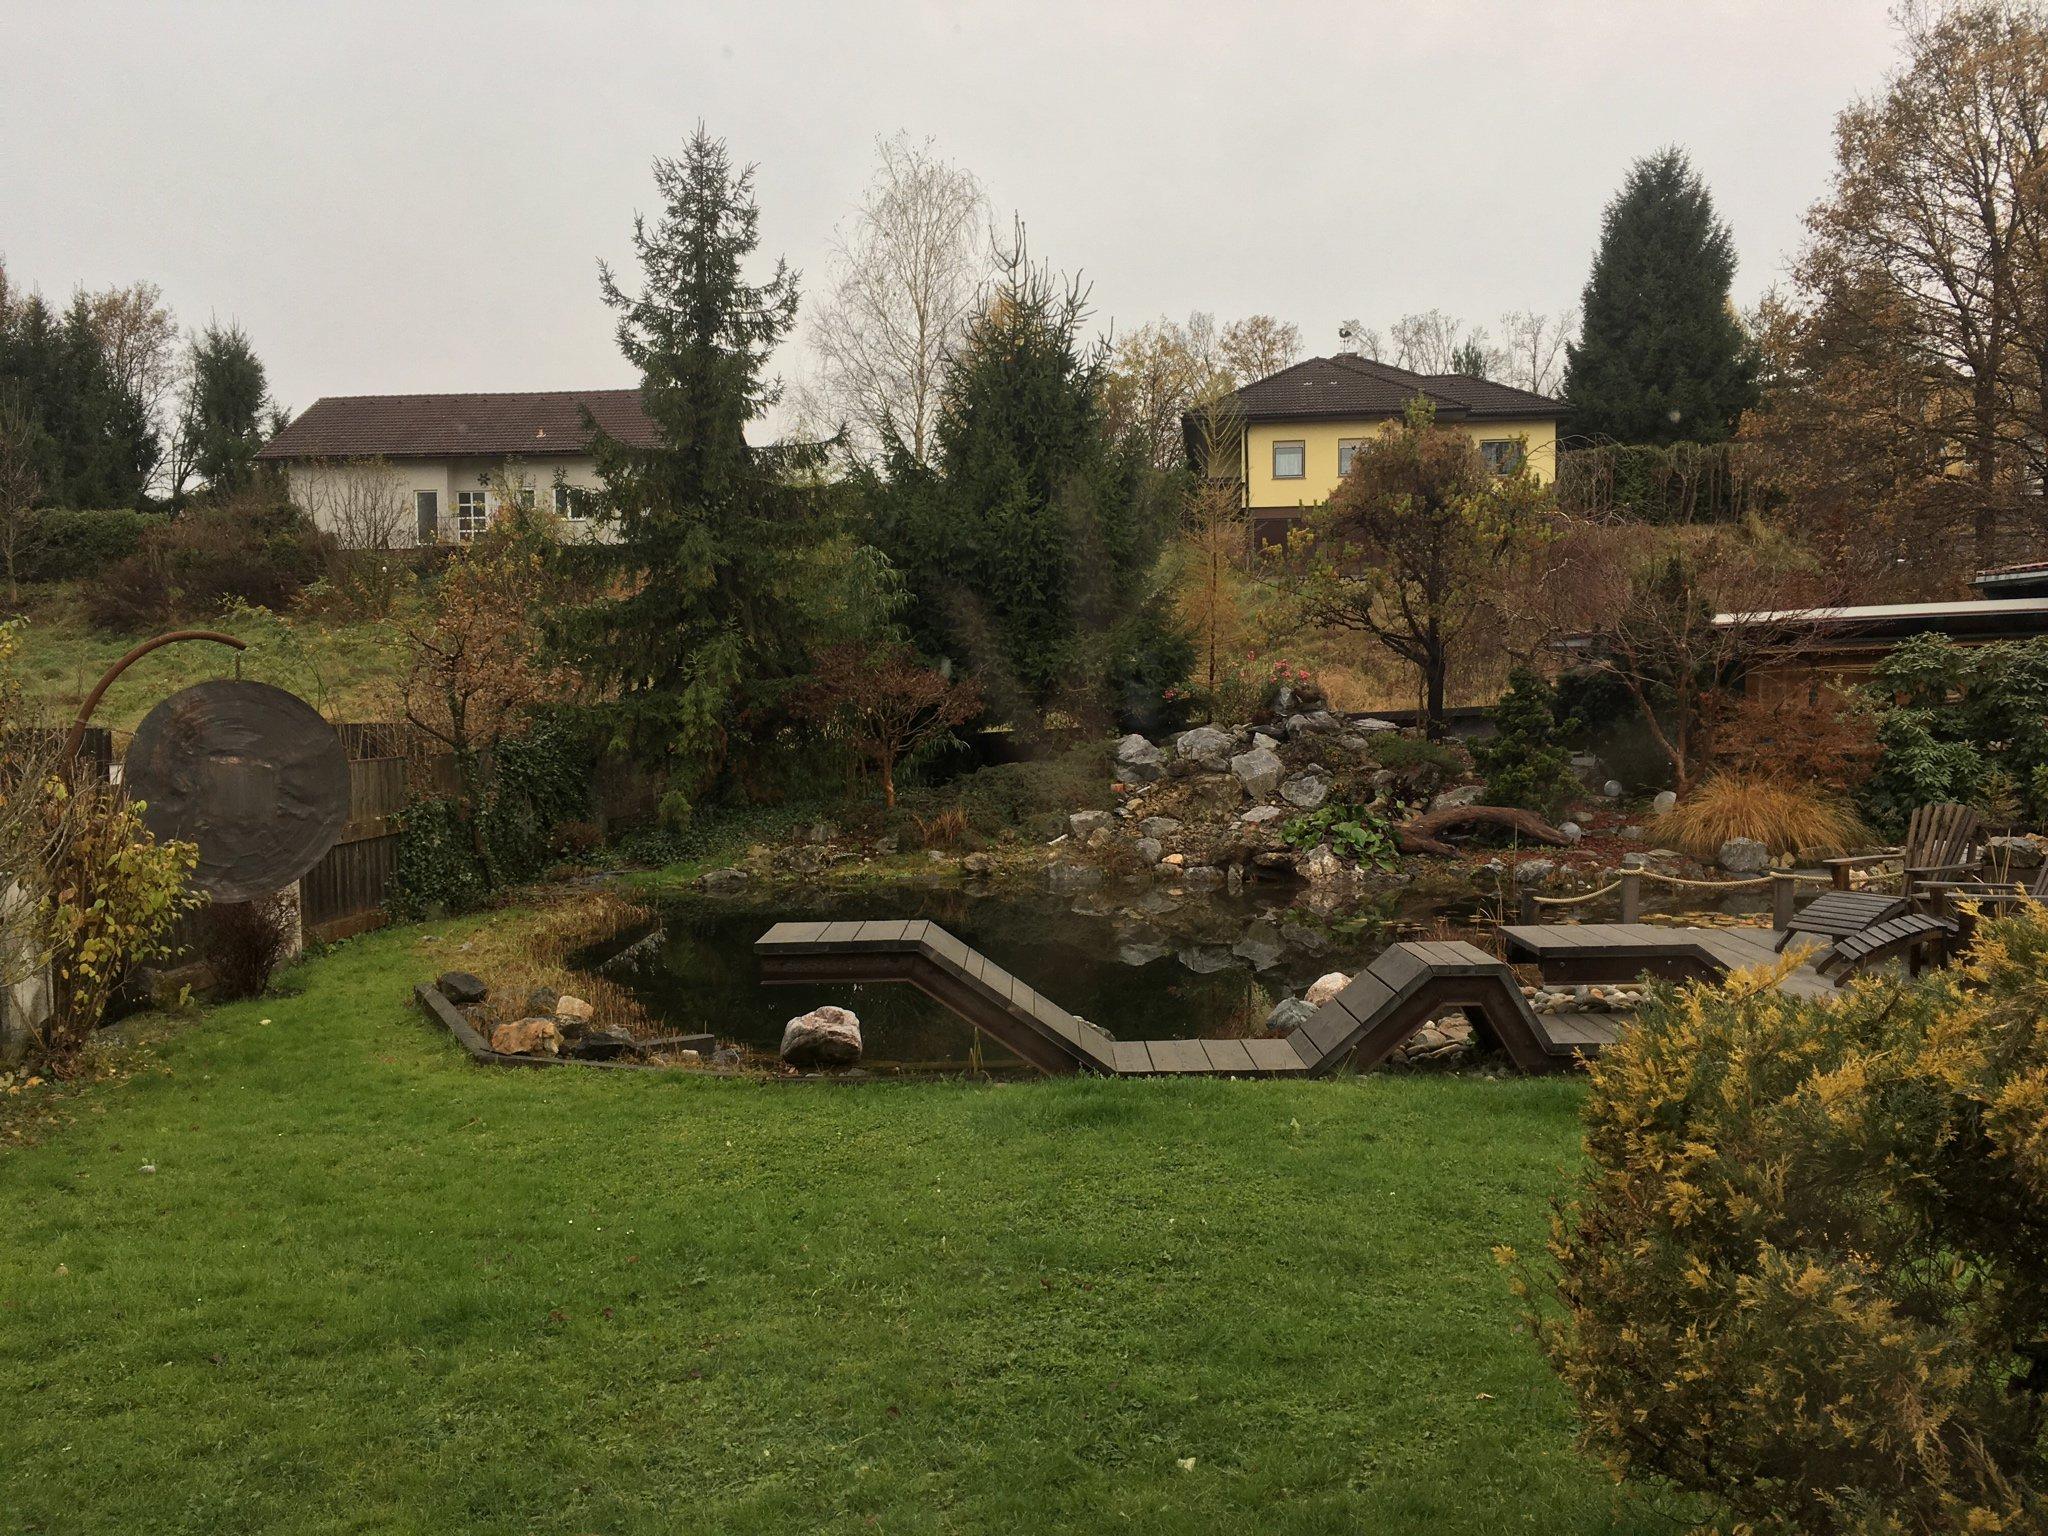 Guten Morgen aus Hart bei Graz #ausblicktweet #meurers https://t.co/i8FbgxNjas